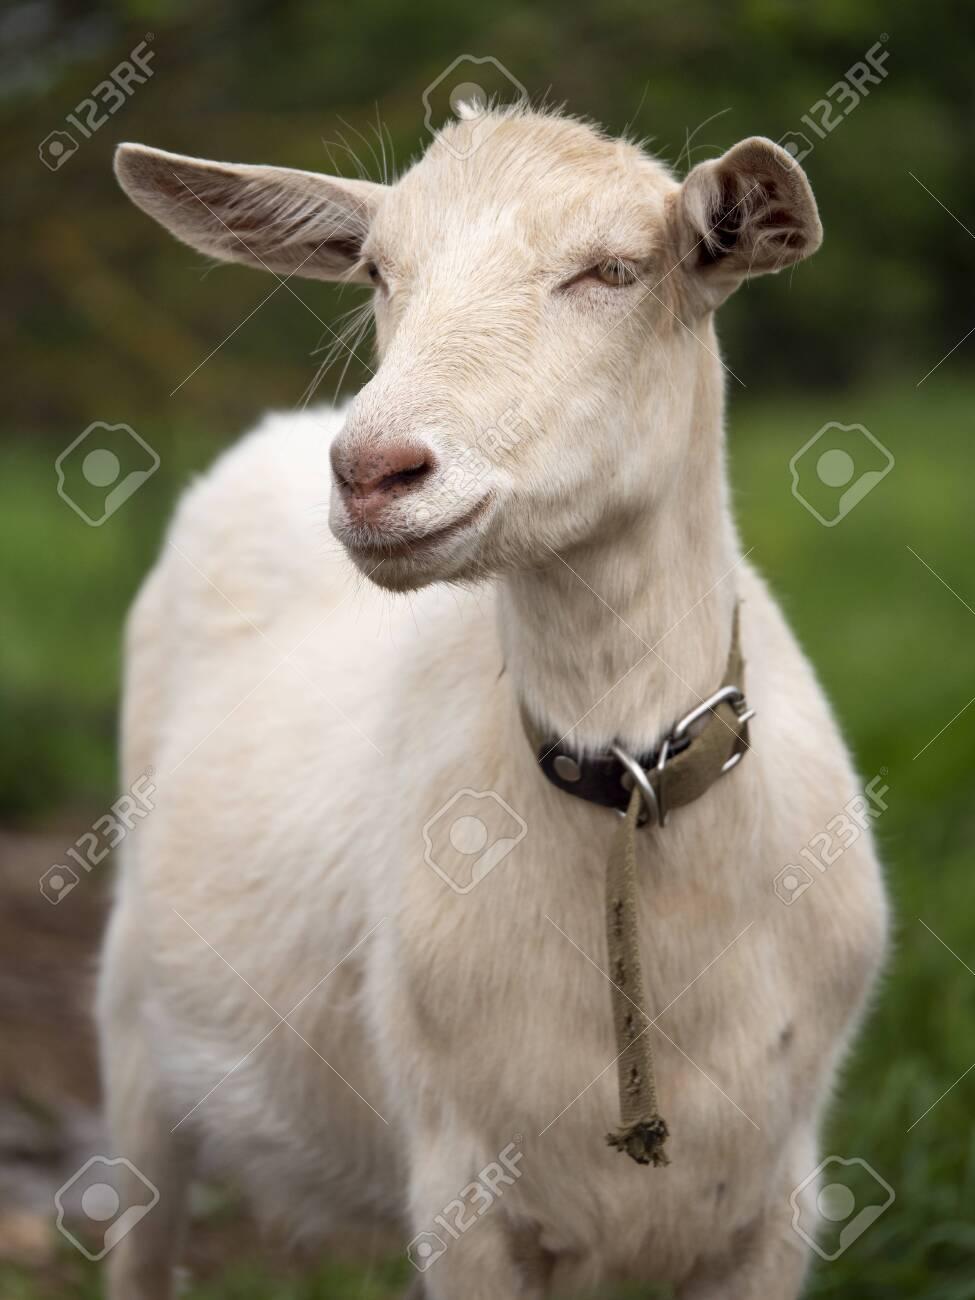 Zaanen goat. In the green grass. Natural habitat. Field of green grass in summer. - 150497627